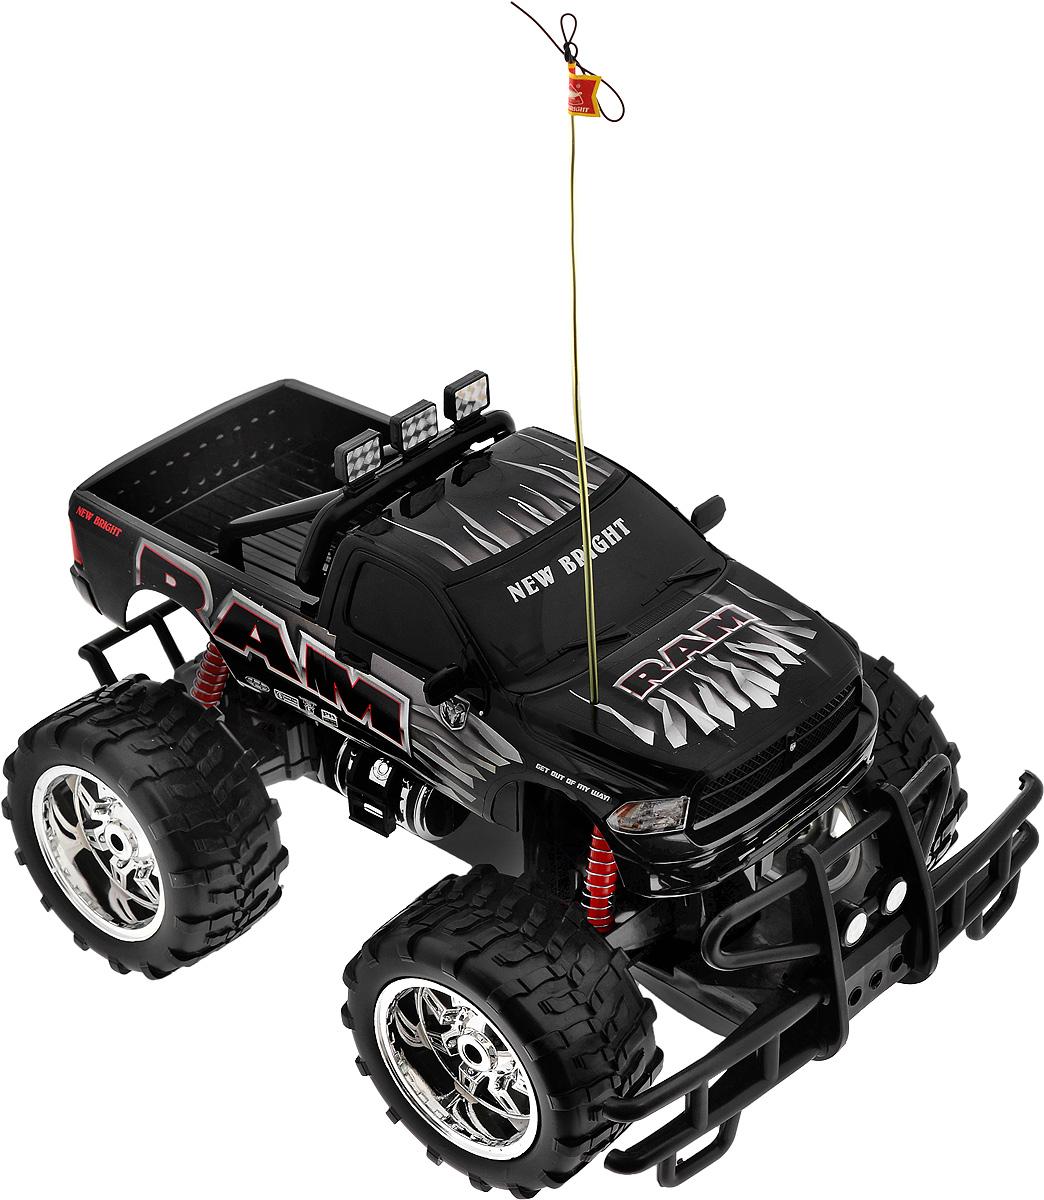 """Радиоуправляемая модель New Bright """"Ram"""" станет отличным подарком любому мальчику! Все дети хотят иметь в наборе своих игрушек ослепительные, невероятные и модные автомобили на радиоуправлении. Тем более, если это автомобиль известной марки с проработкой всех деталей, удивляющий приятным качеством и видом. Автомобиль обладает неповторимым провокационным стилем и спортивным характером. Потрясающая маневренность, динамика и покладистость - отличительные качества этой модели. Возможные движения: вперед, назад, вправо, влево. Колеса машины прорезинены и обеспечивают плавный ход, машинка не портит напольное покрытие. Радиоуправляемые игрушки способствуют развитию координации движений, моторики и ловкости. Модель работает от сменного аккумулятора (входит в комплект). Зарядное устройство также входит в комплект. Пульт управления работает от 2 батареек типа АА (входят в комплект)."""